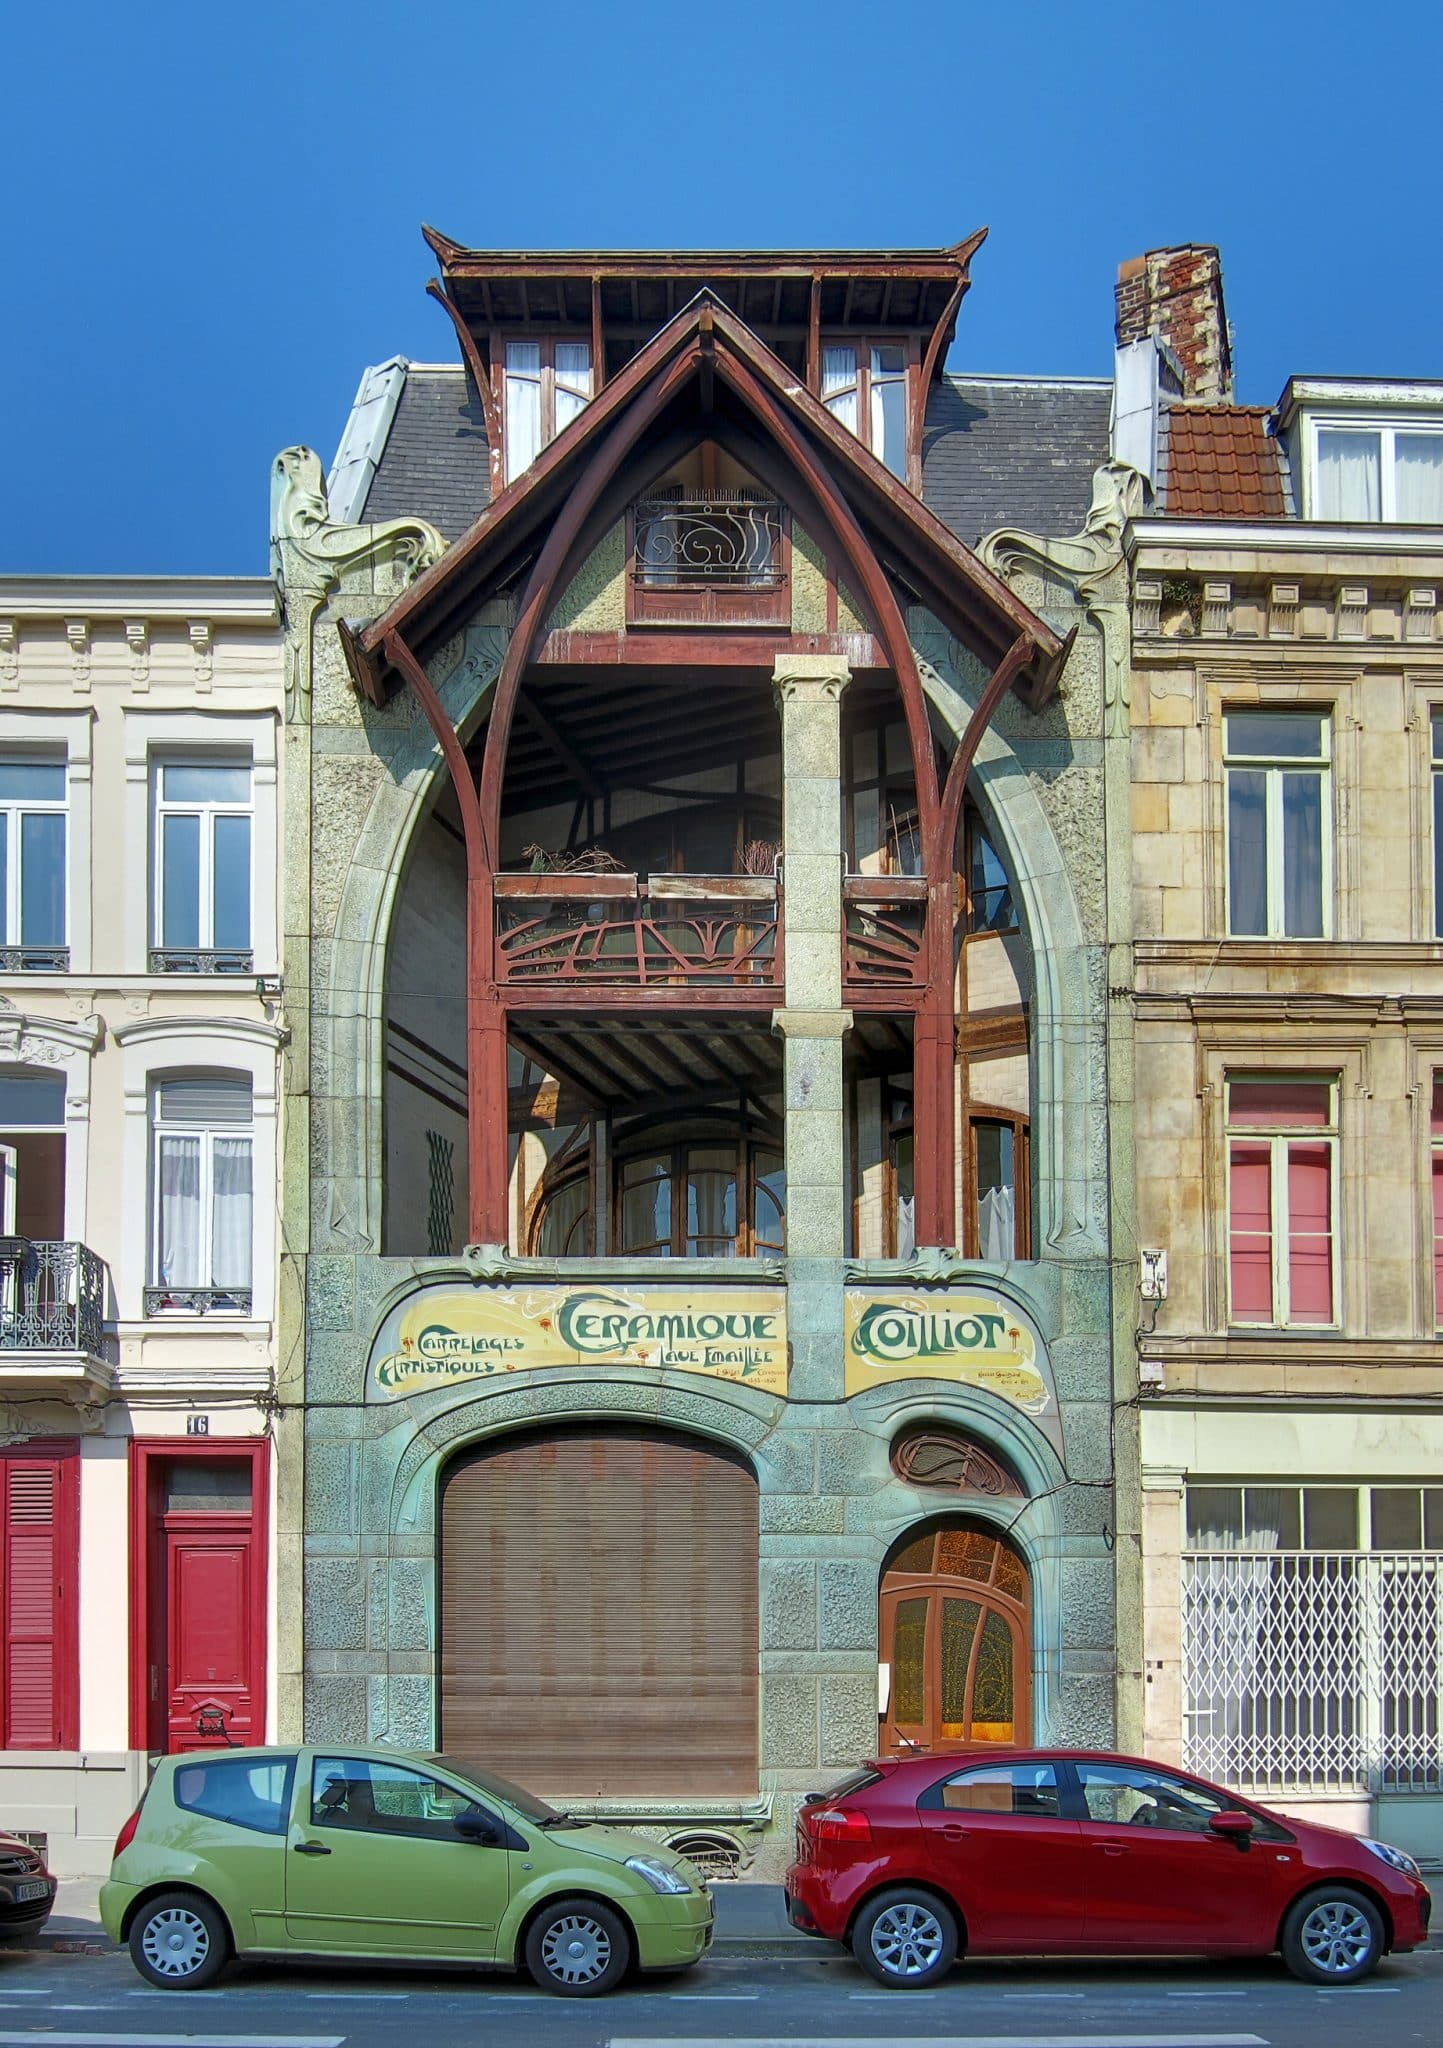 La maison Colliot